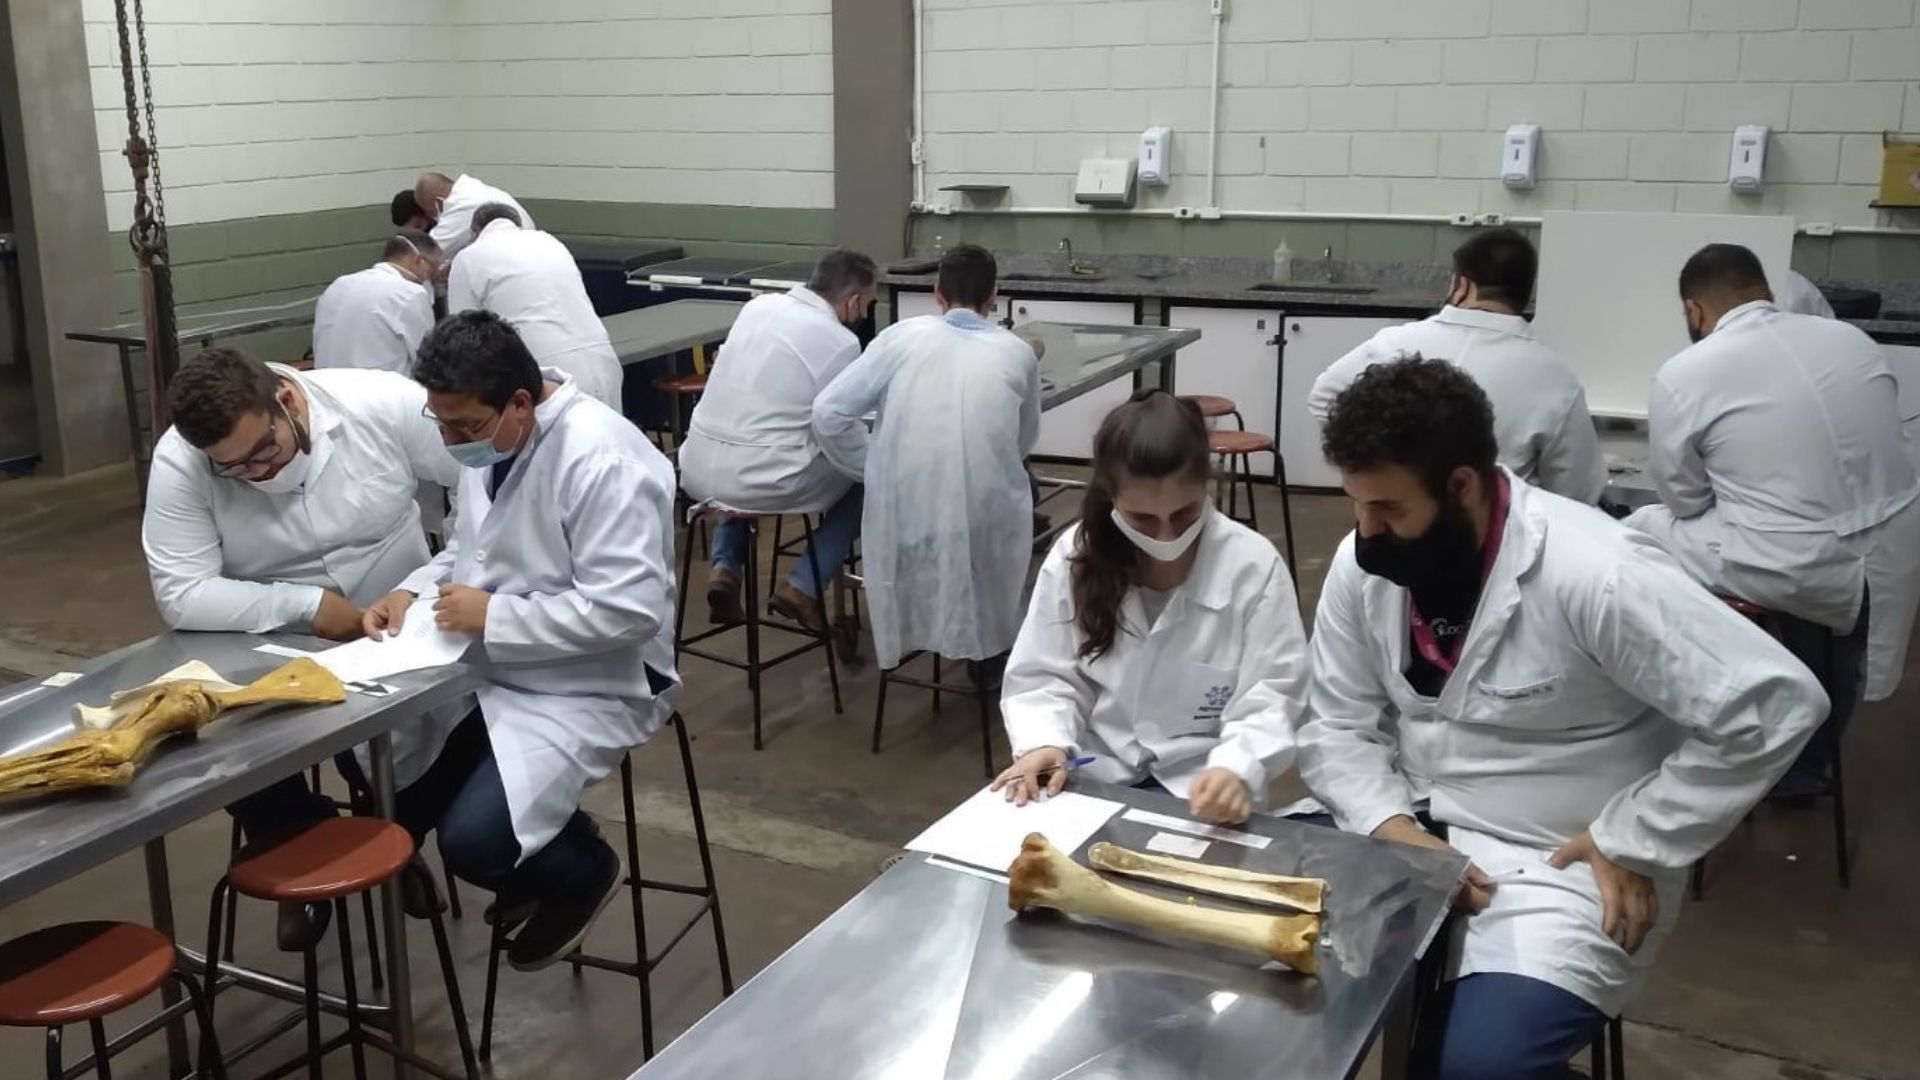 A imagem mostra os alunos durante a atividade, em bancadas com as peças anatômicas e esqueletos.